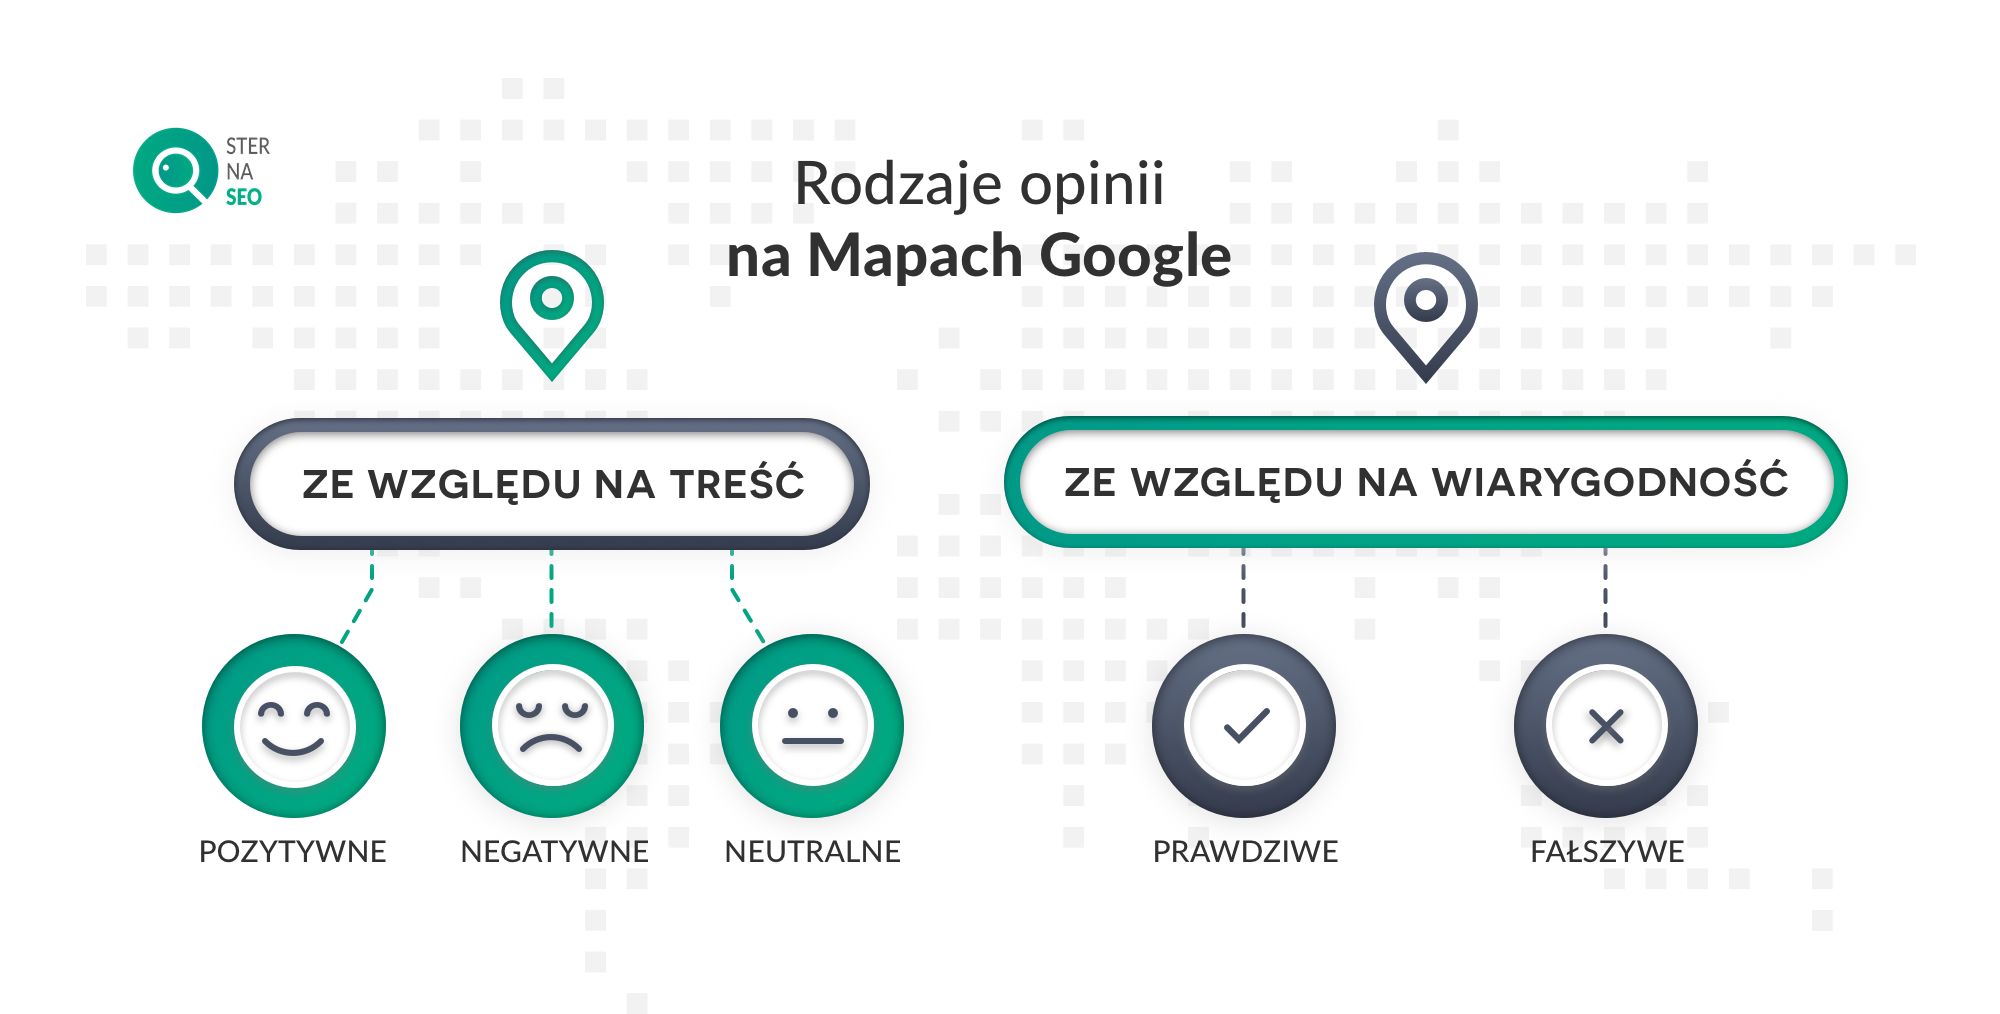 Rodzaje opinii na Mapach Google